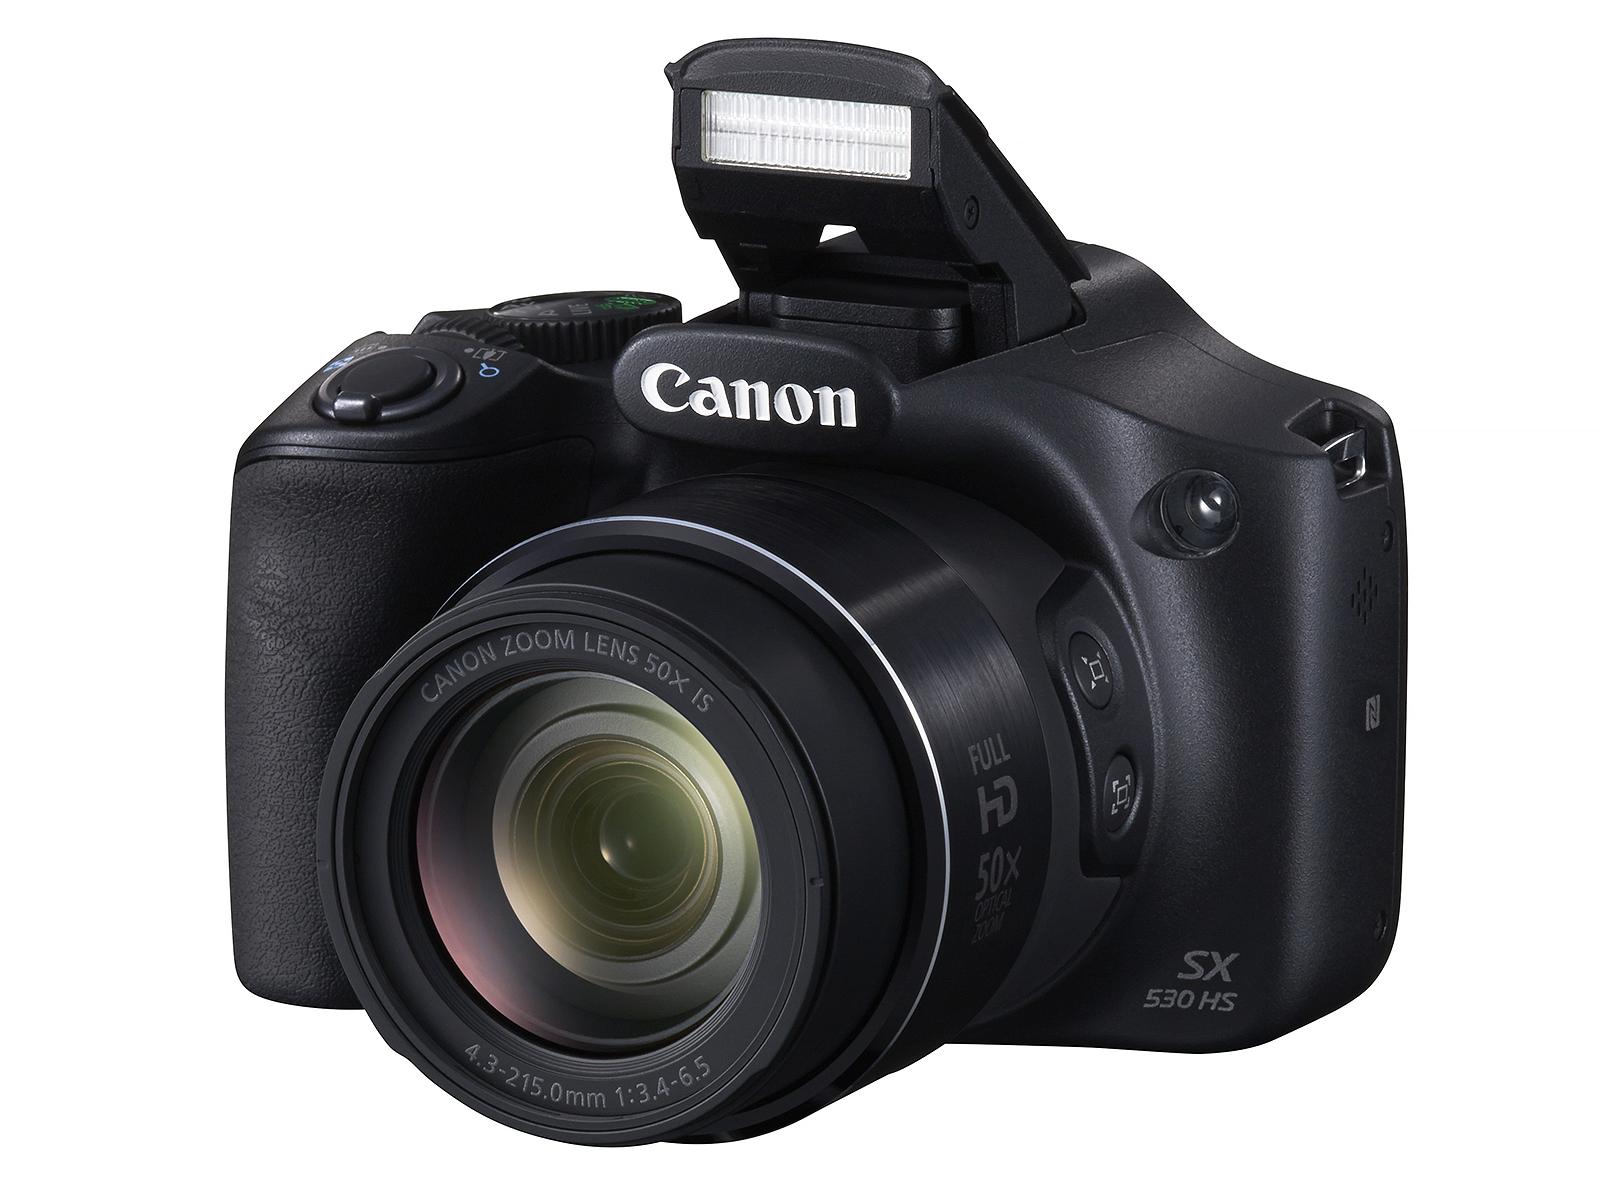 Запомните свой отпуск_фотоаппараты, которые можно взять с собой для потрясающих фотоснимков - Canon PowerShot SX530 IS HS